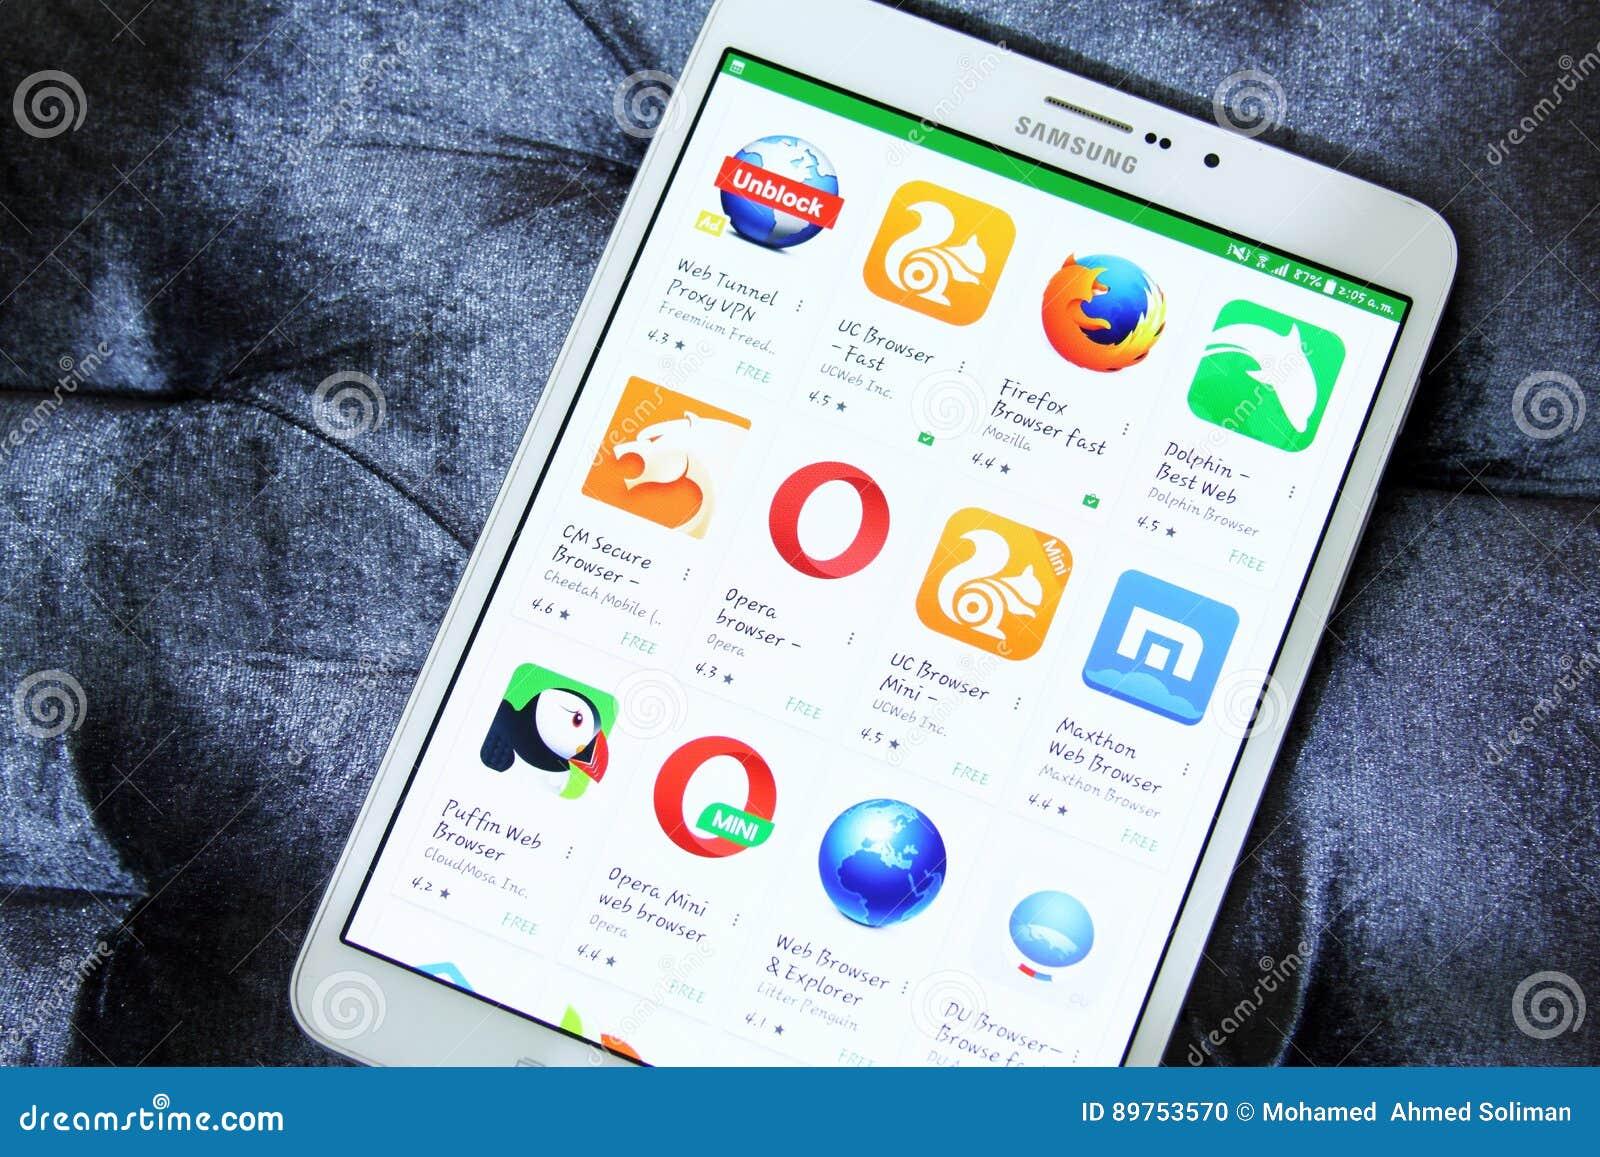 google internet browser free download